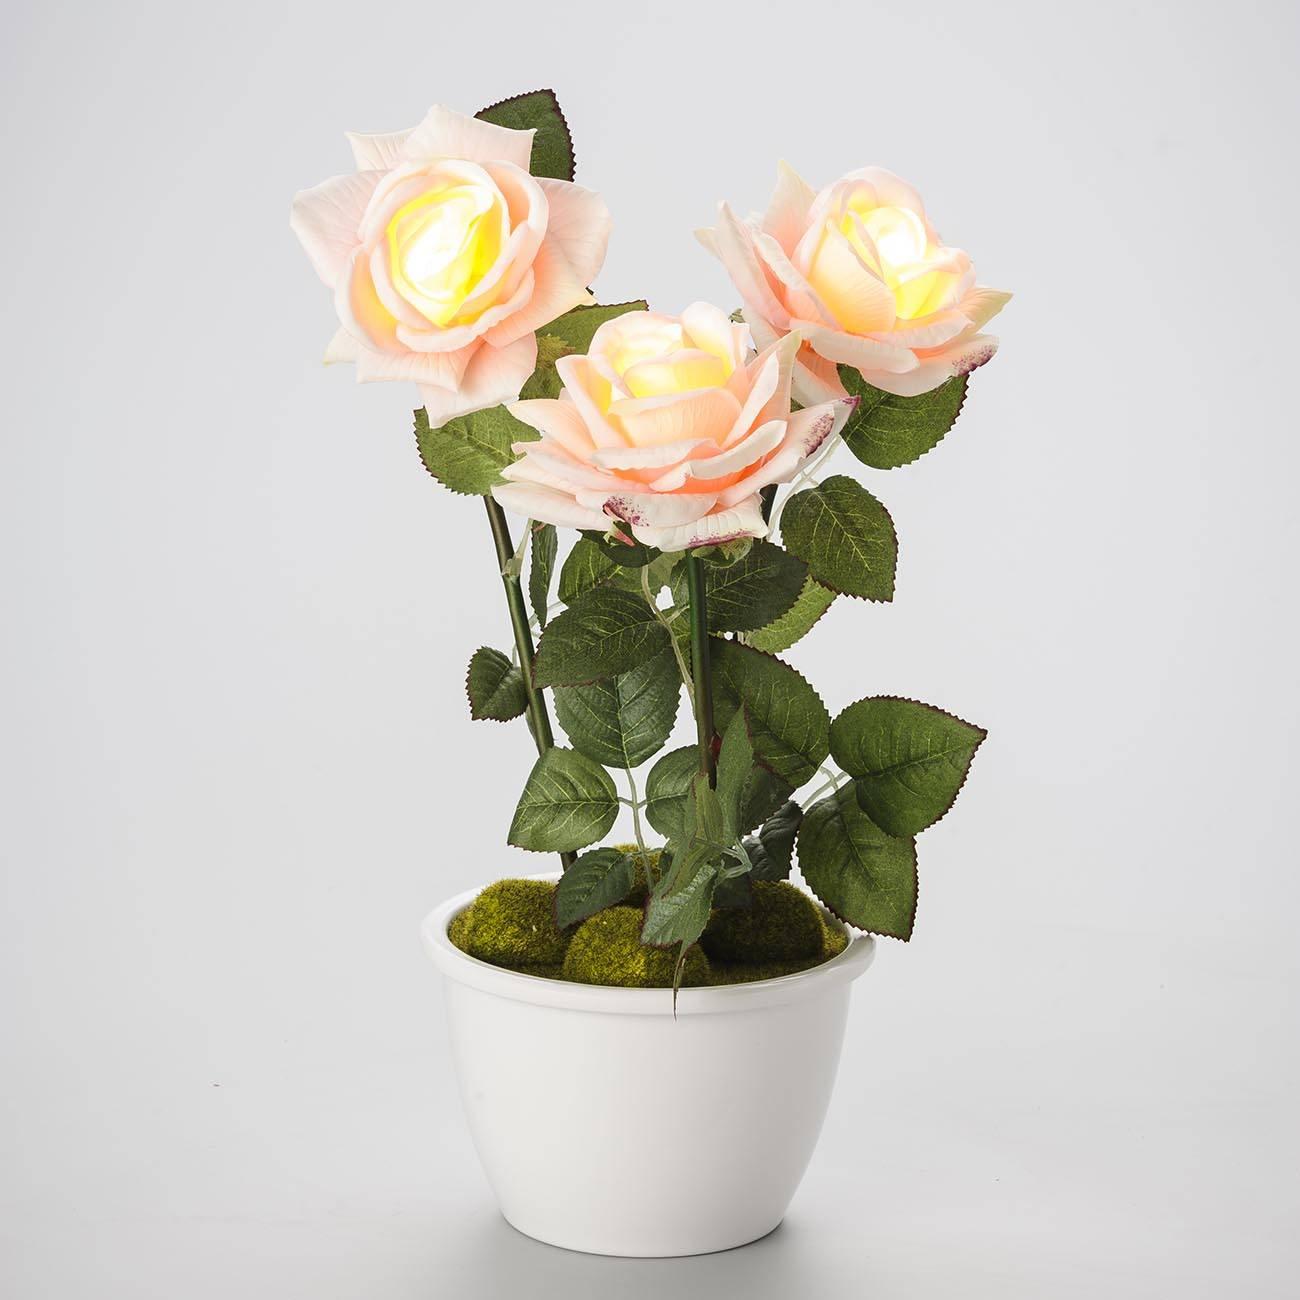 Cachepô Classic - com 3 Rosas e Luz - Prestige - 46x20 cm